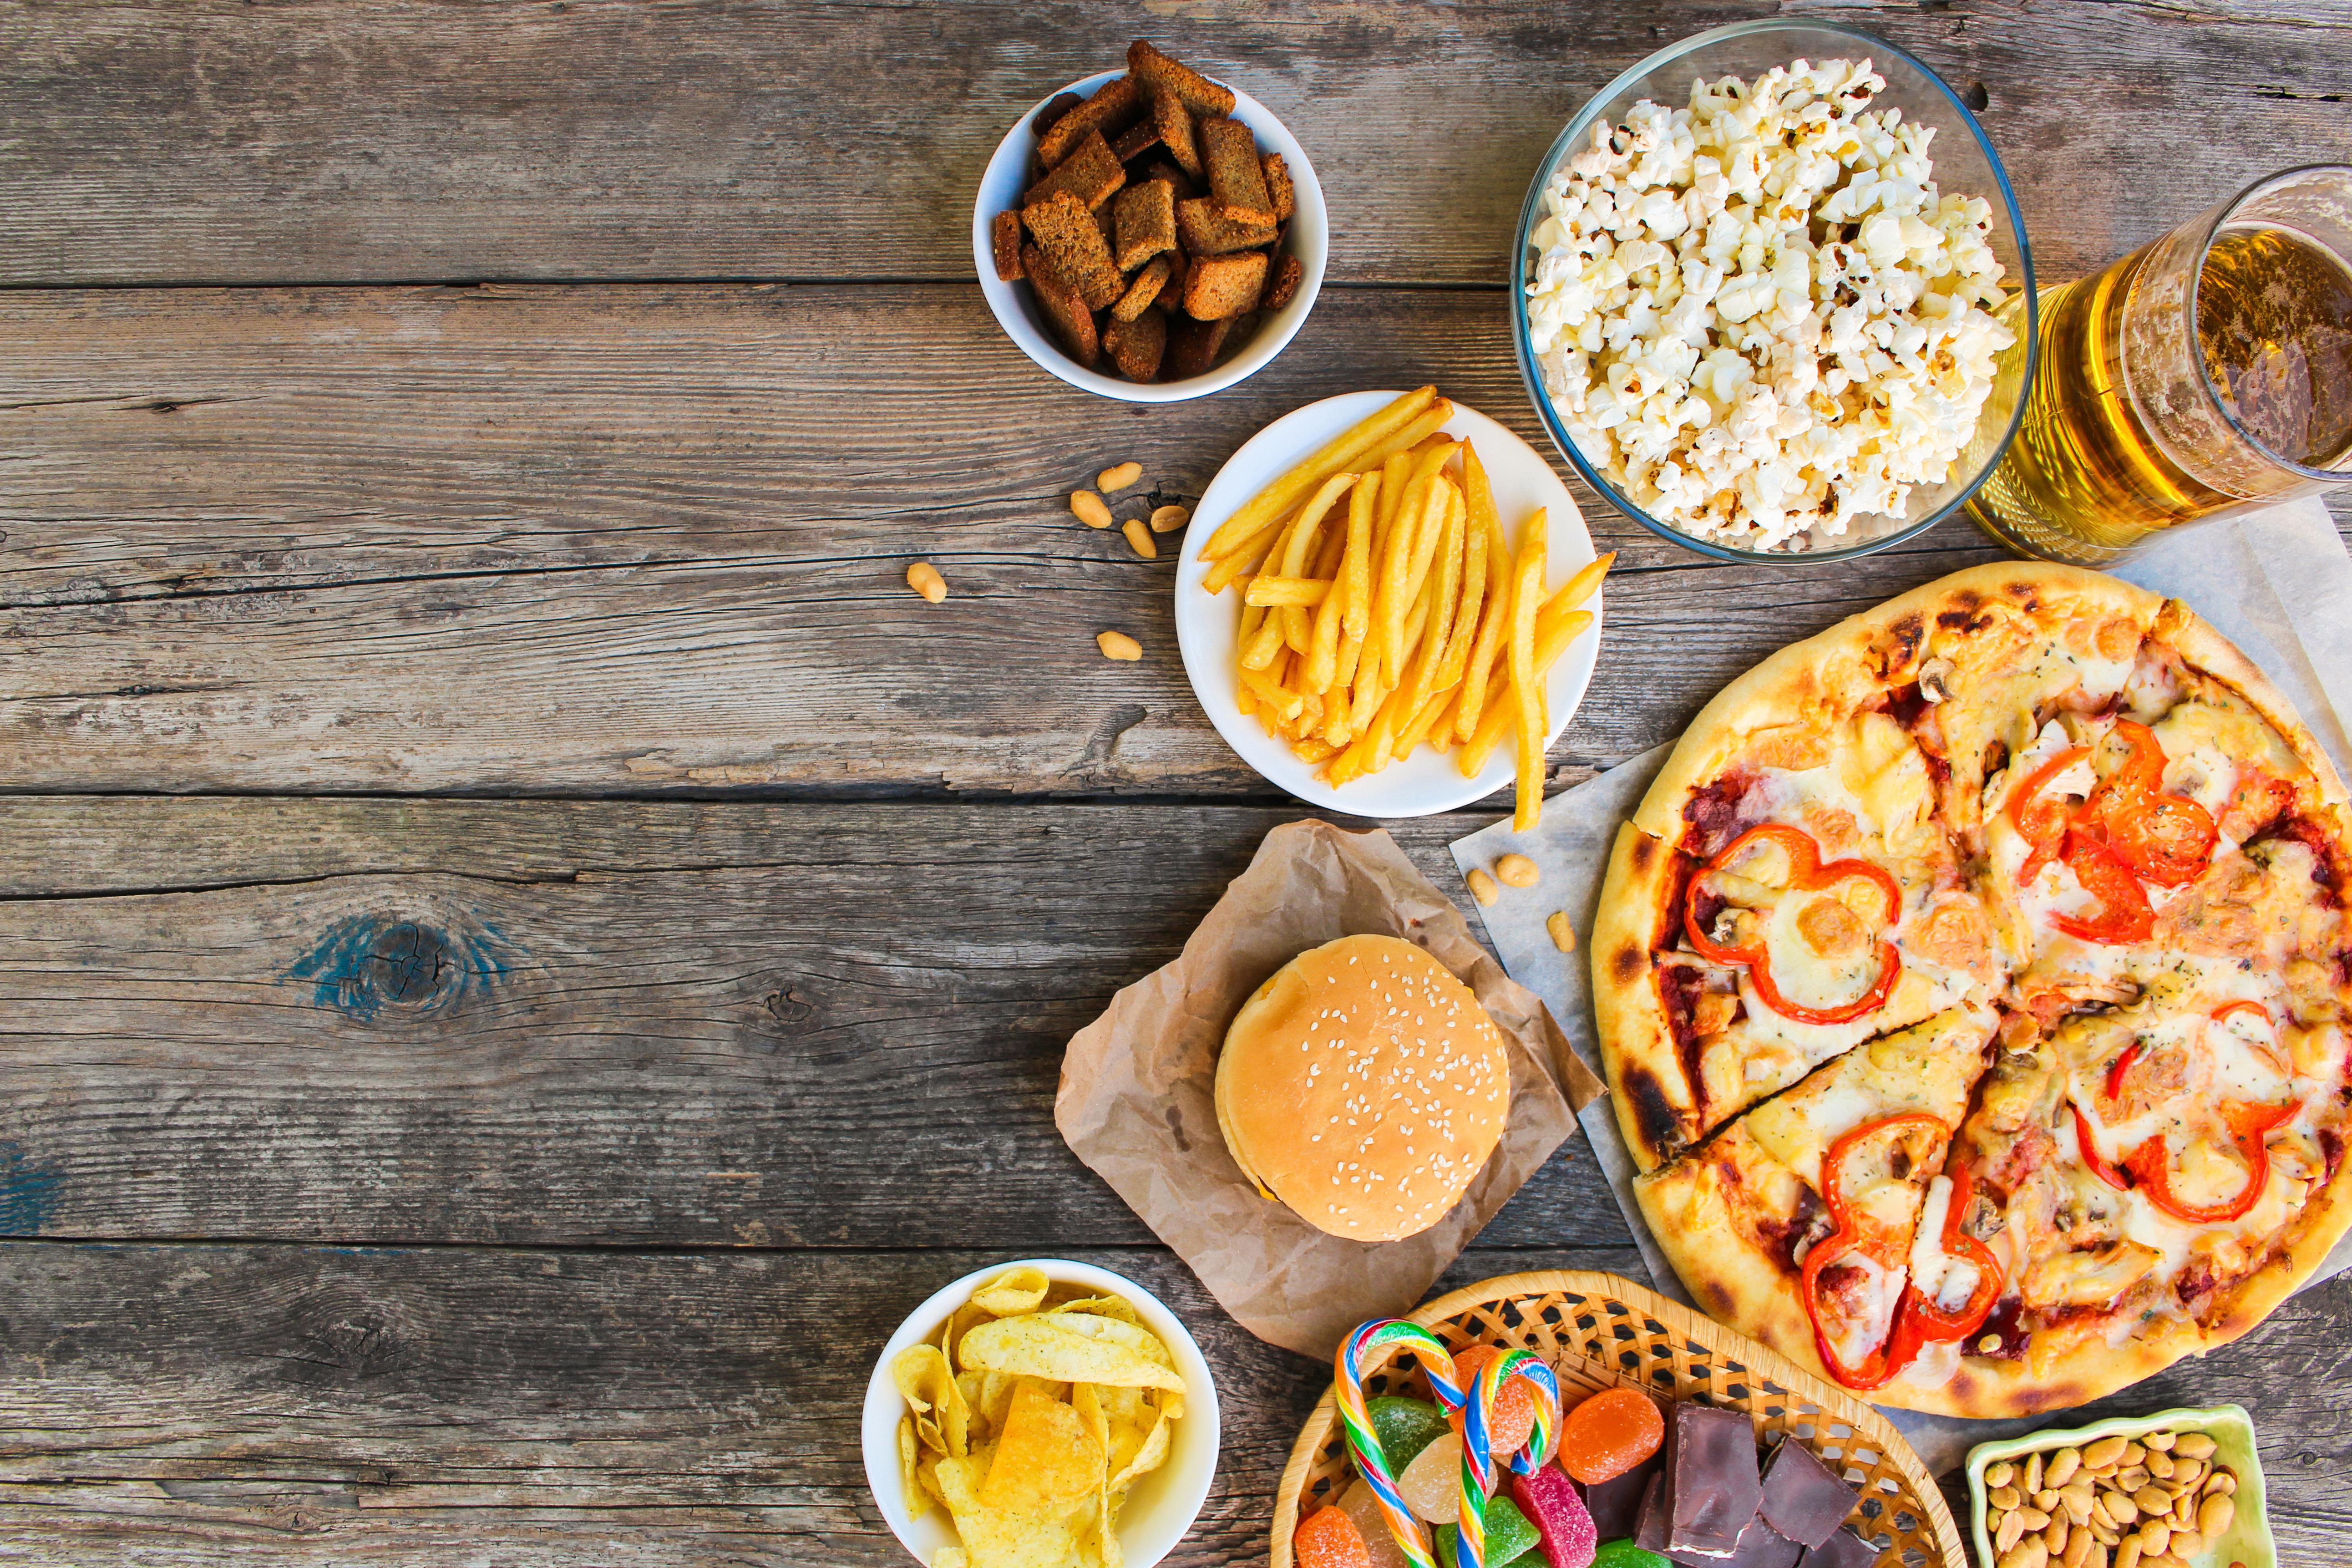 Manger beaucoup et gras ne vous aidera pas à mieux passer